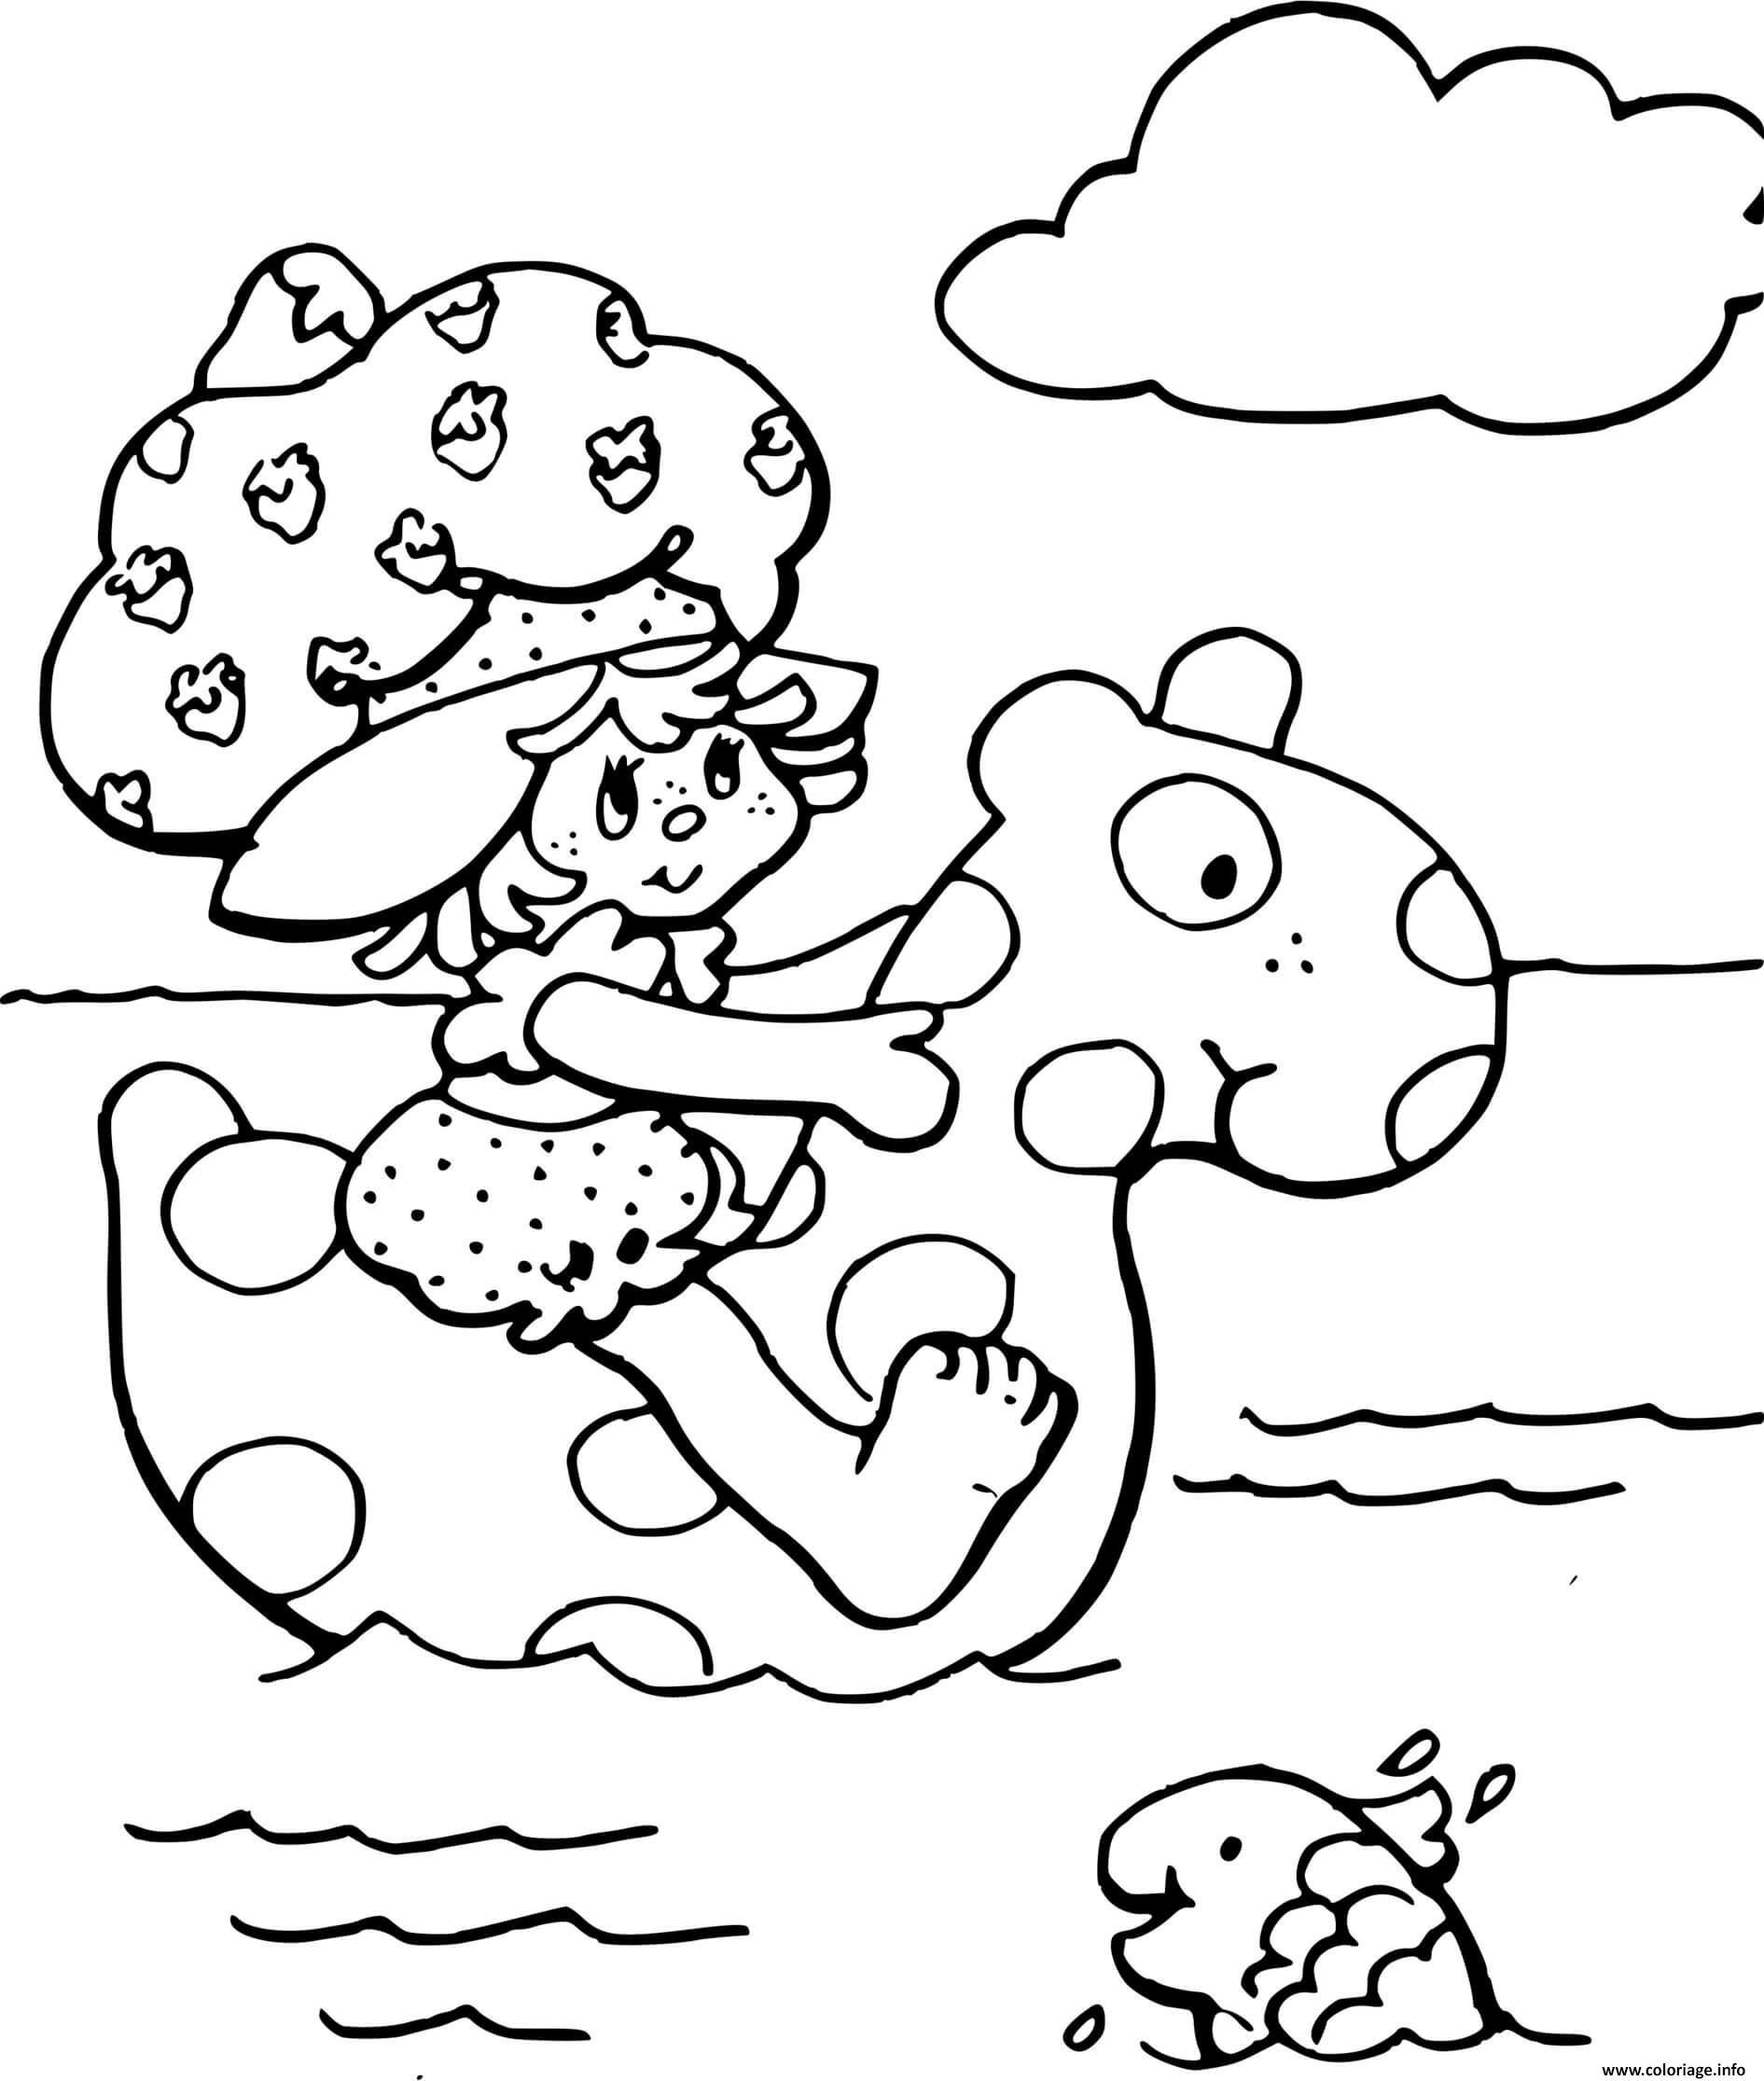 Dessin Charlotte aux fraises a la mer Coloriage Gratuit à Imprimer